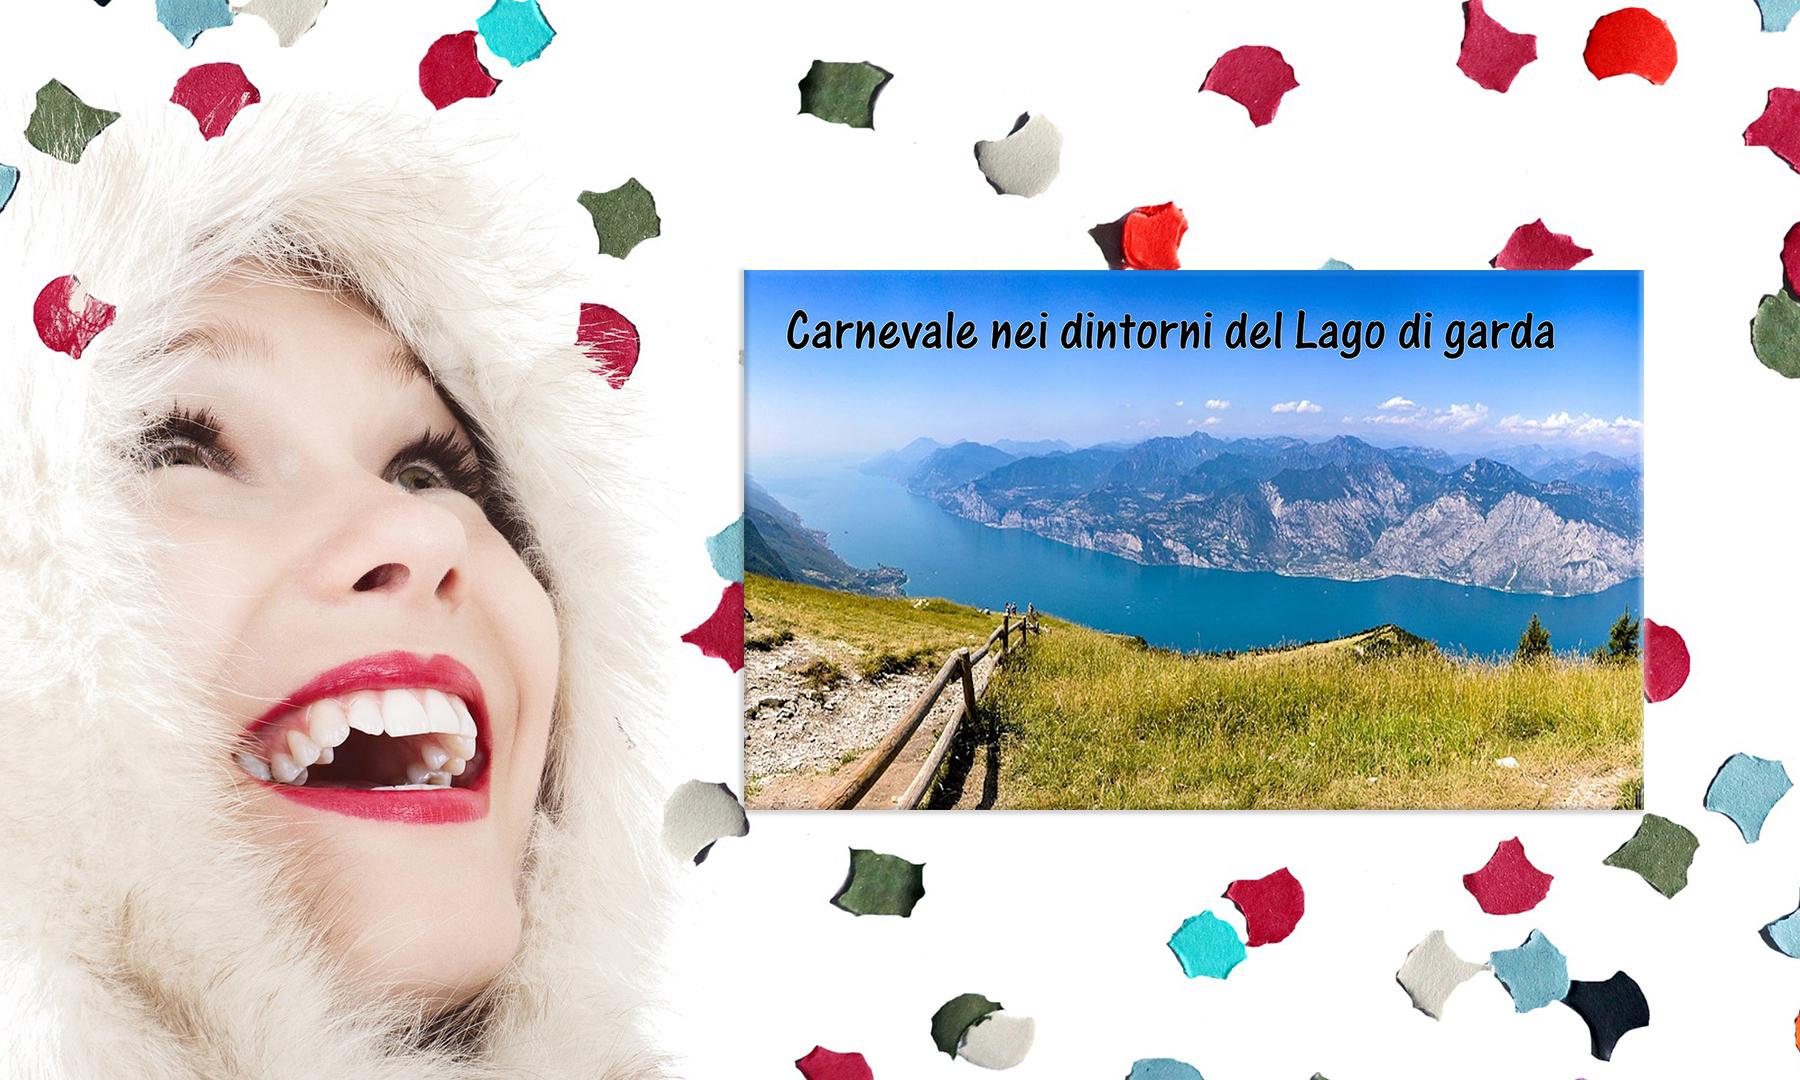 Carnevale 2018 nella zona del Lago di Garda